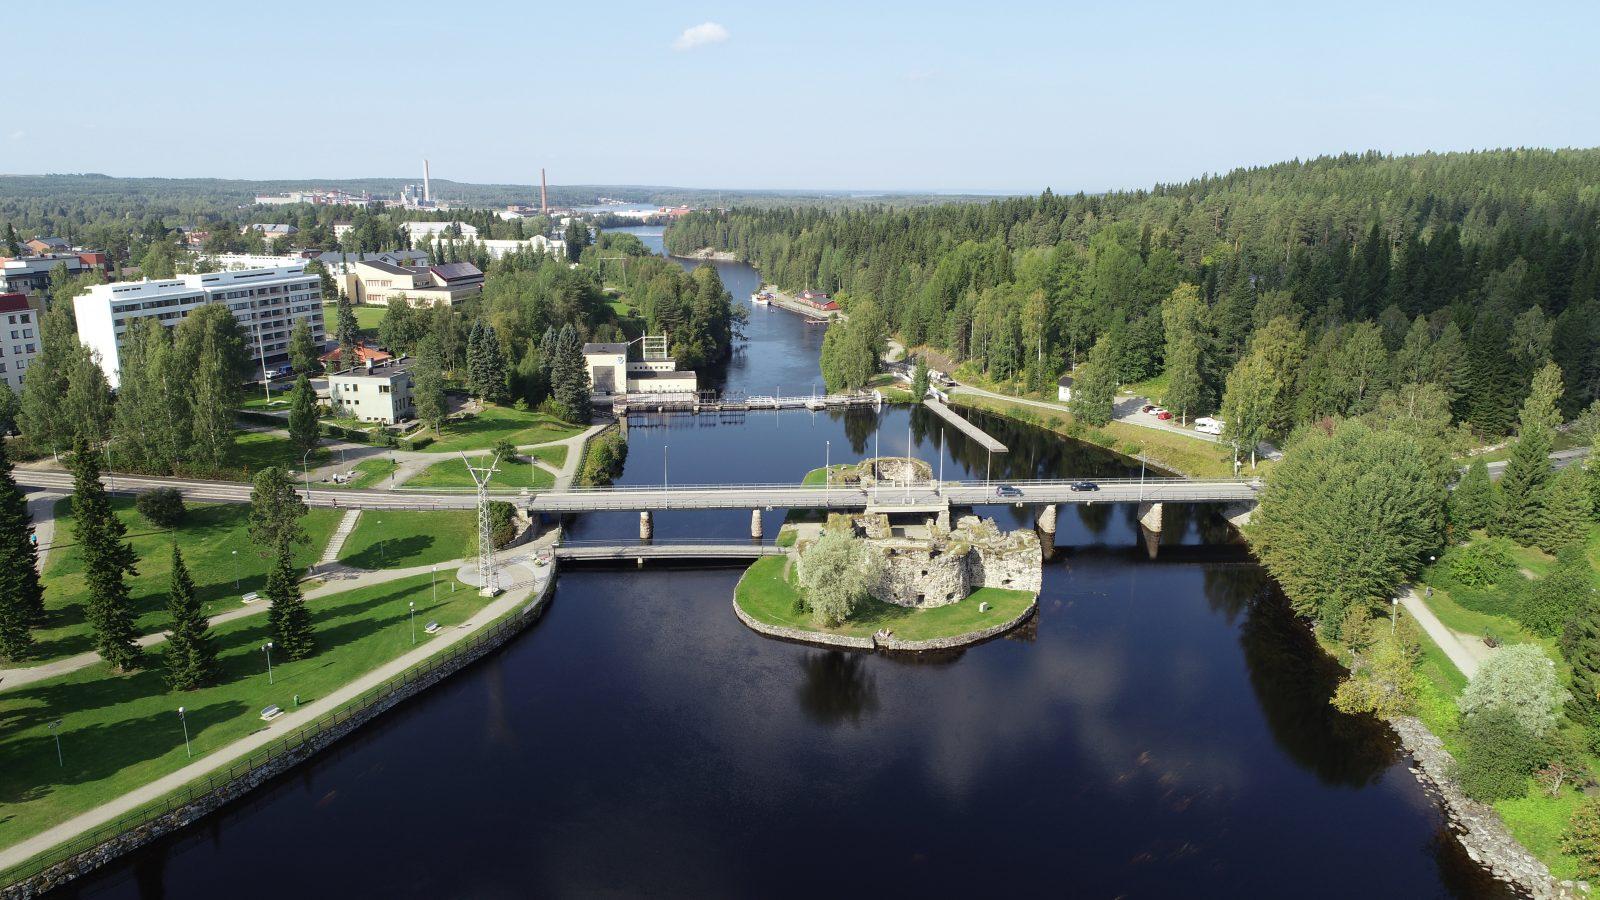 Rauniolinna sijaitsee aivan Kajaanin keskutan tuntumassa Kajaaninjoella